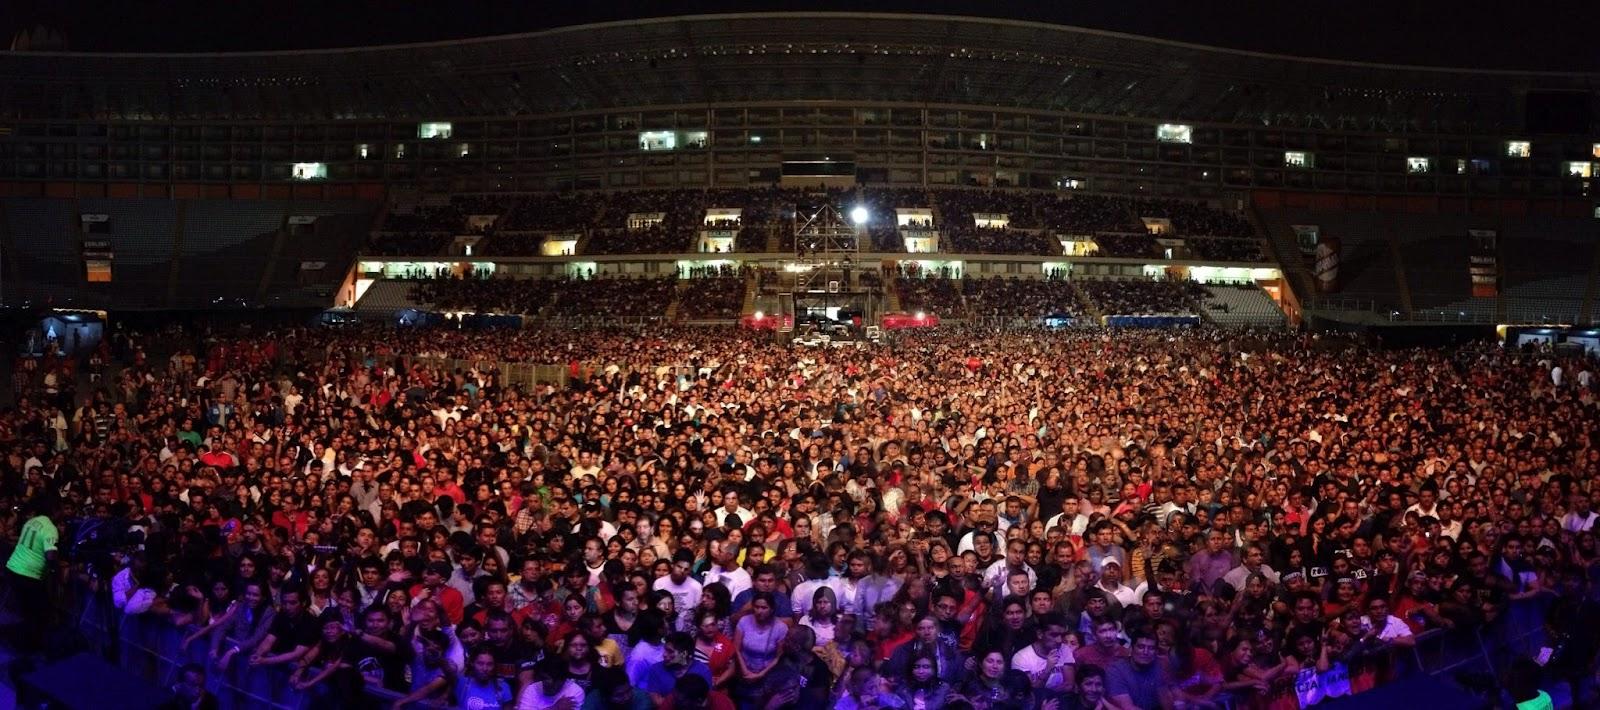 Rox fans peru concierto de roxette en per 21 abril 2012 for Conciertos en santiago 2016